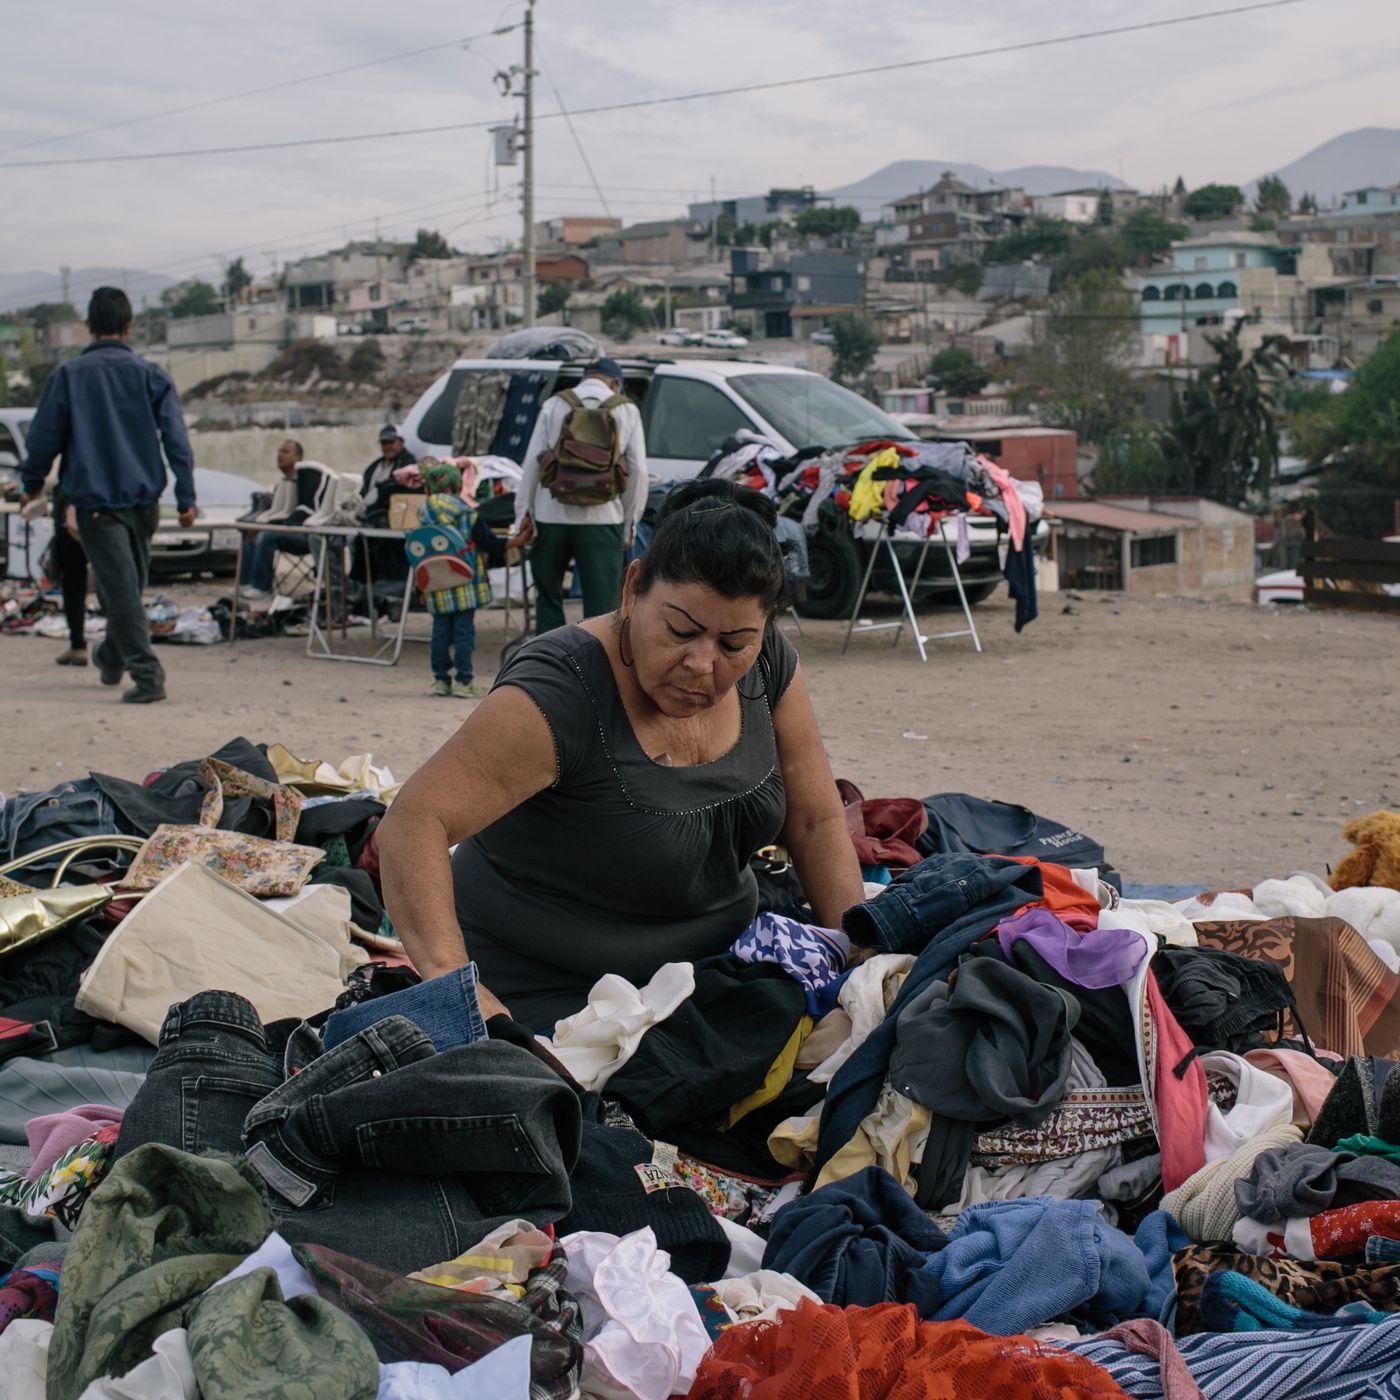 cbac11db Contrabando de ropa usada de los Estados Unidos en la frontera EE.UU.-México  - Racked